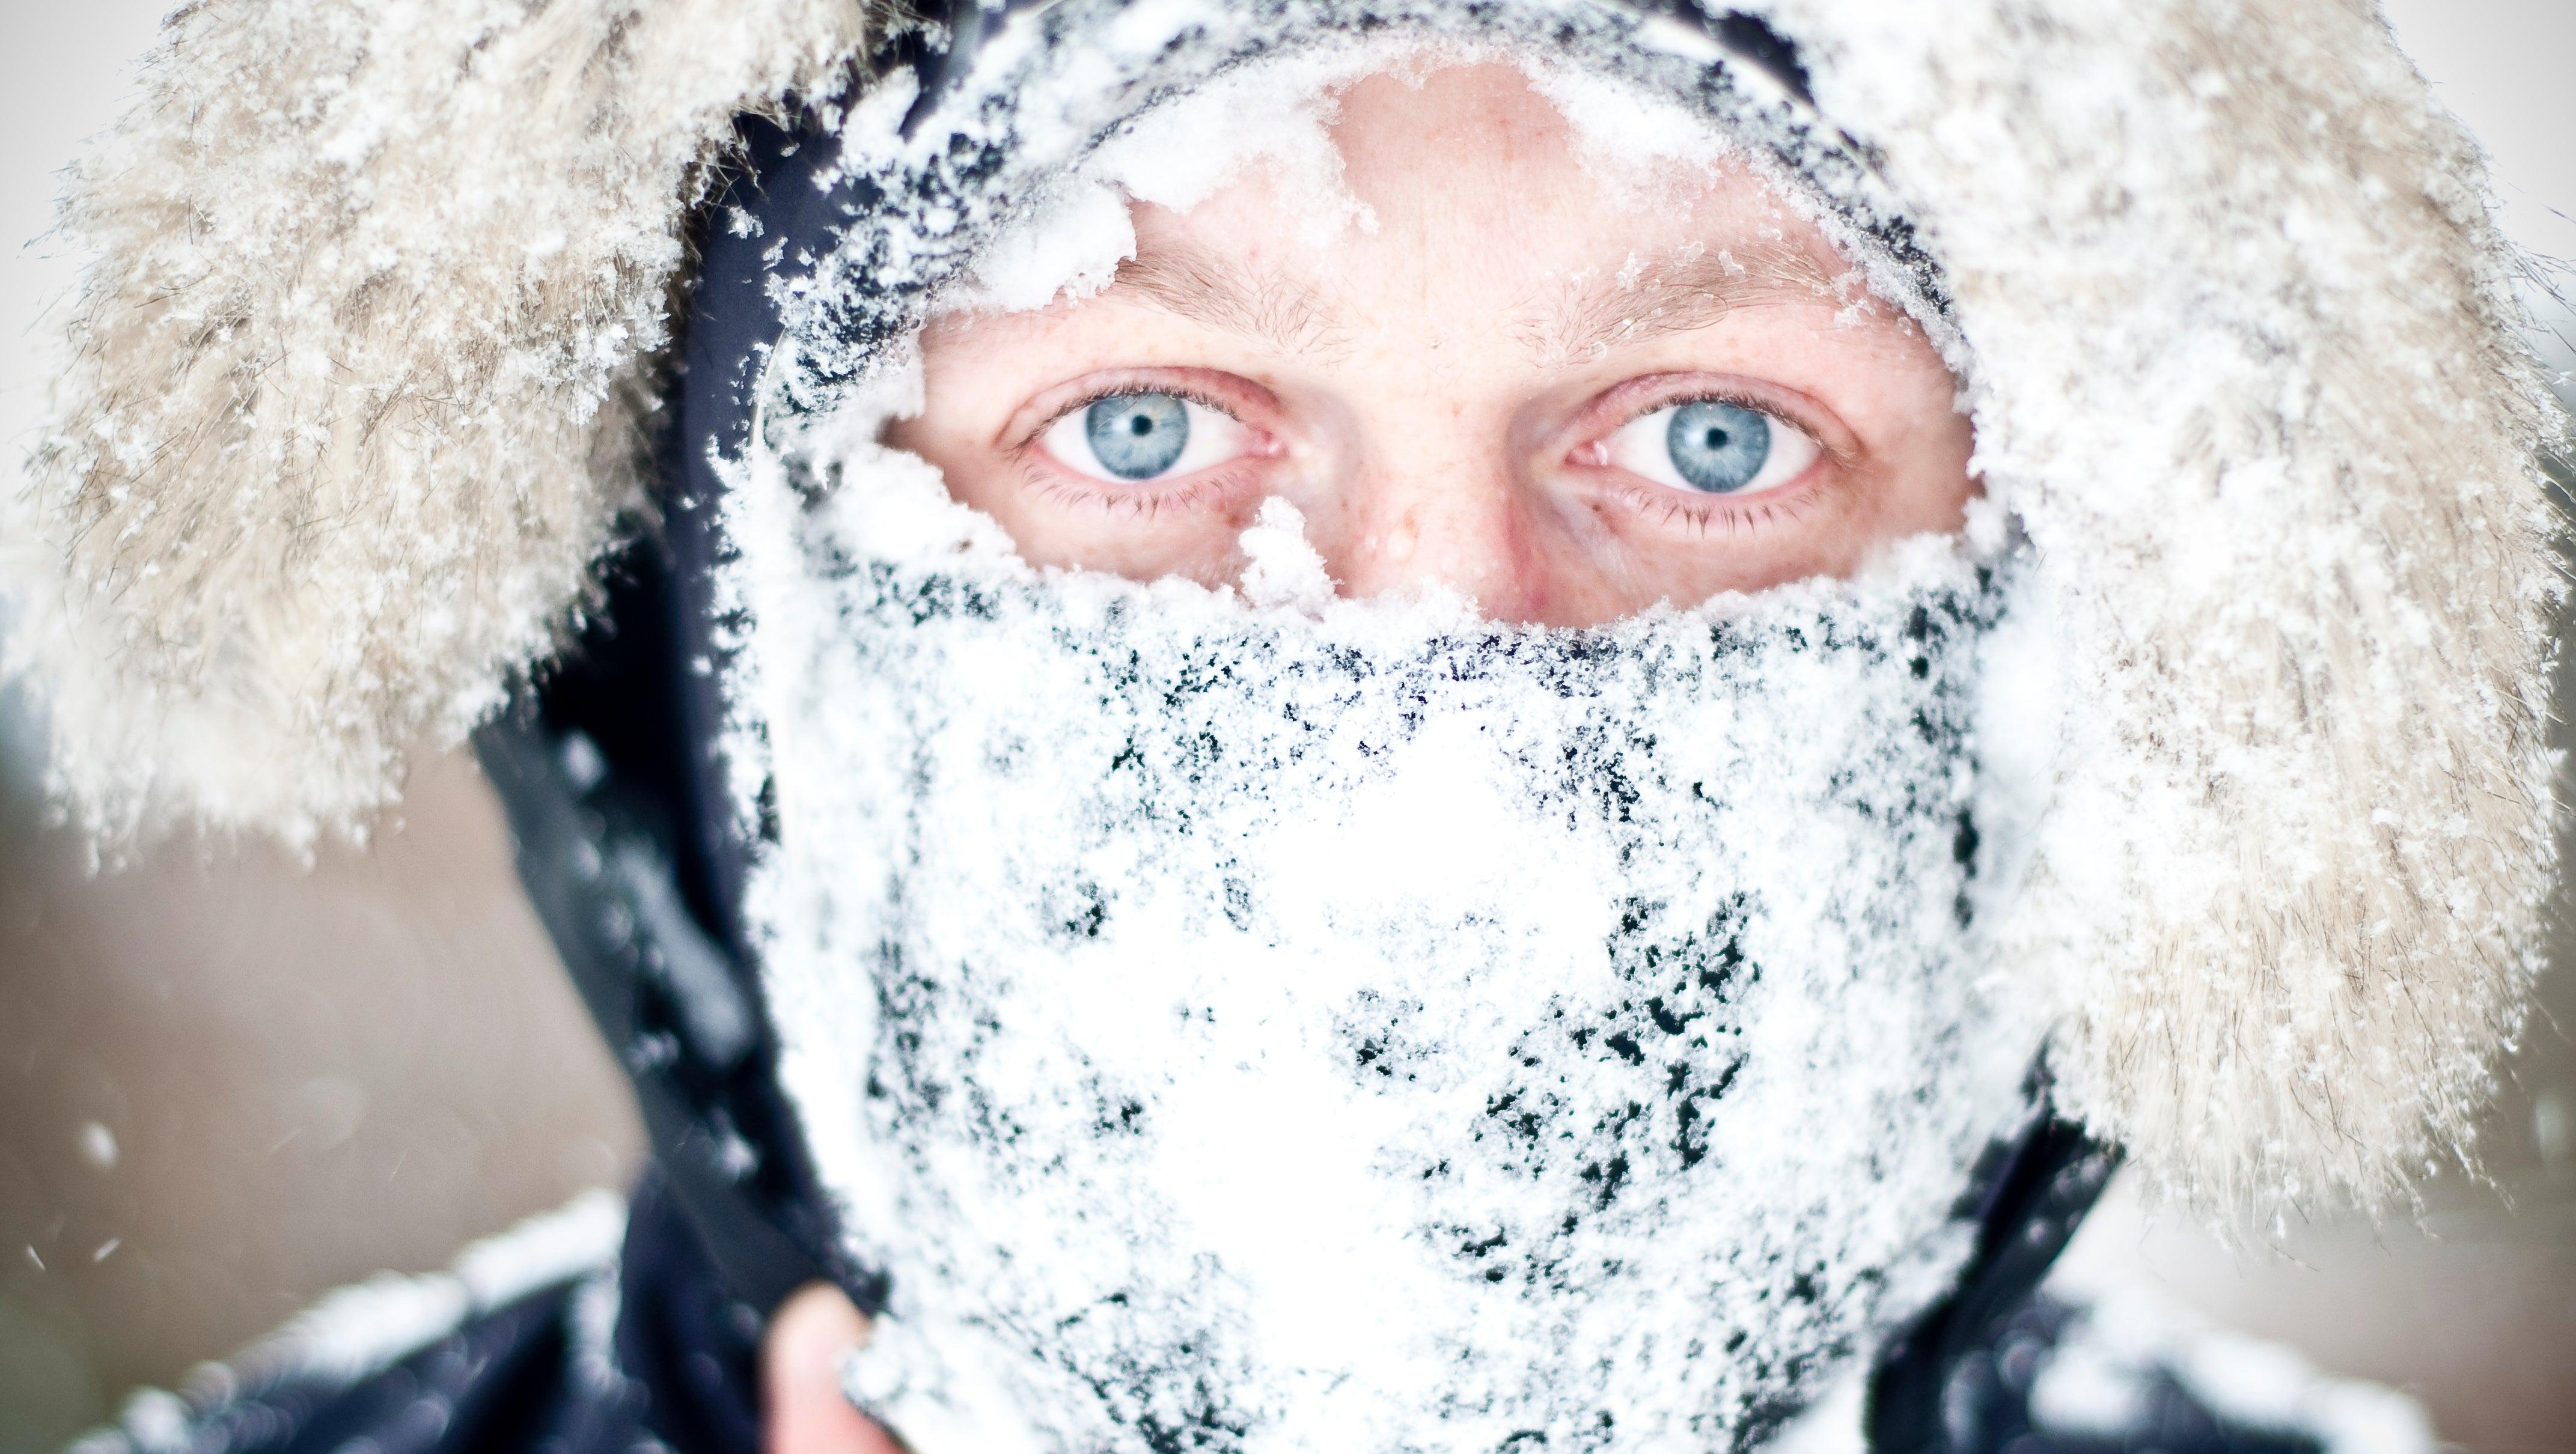 Bleibende Schäden drohen: Das ist Schneeblindheit und so schützen Sie sich